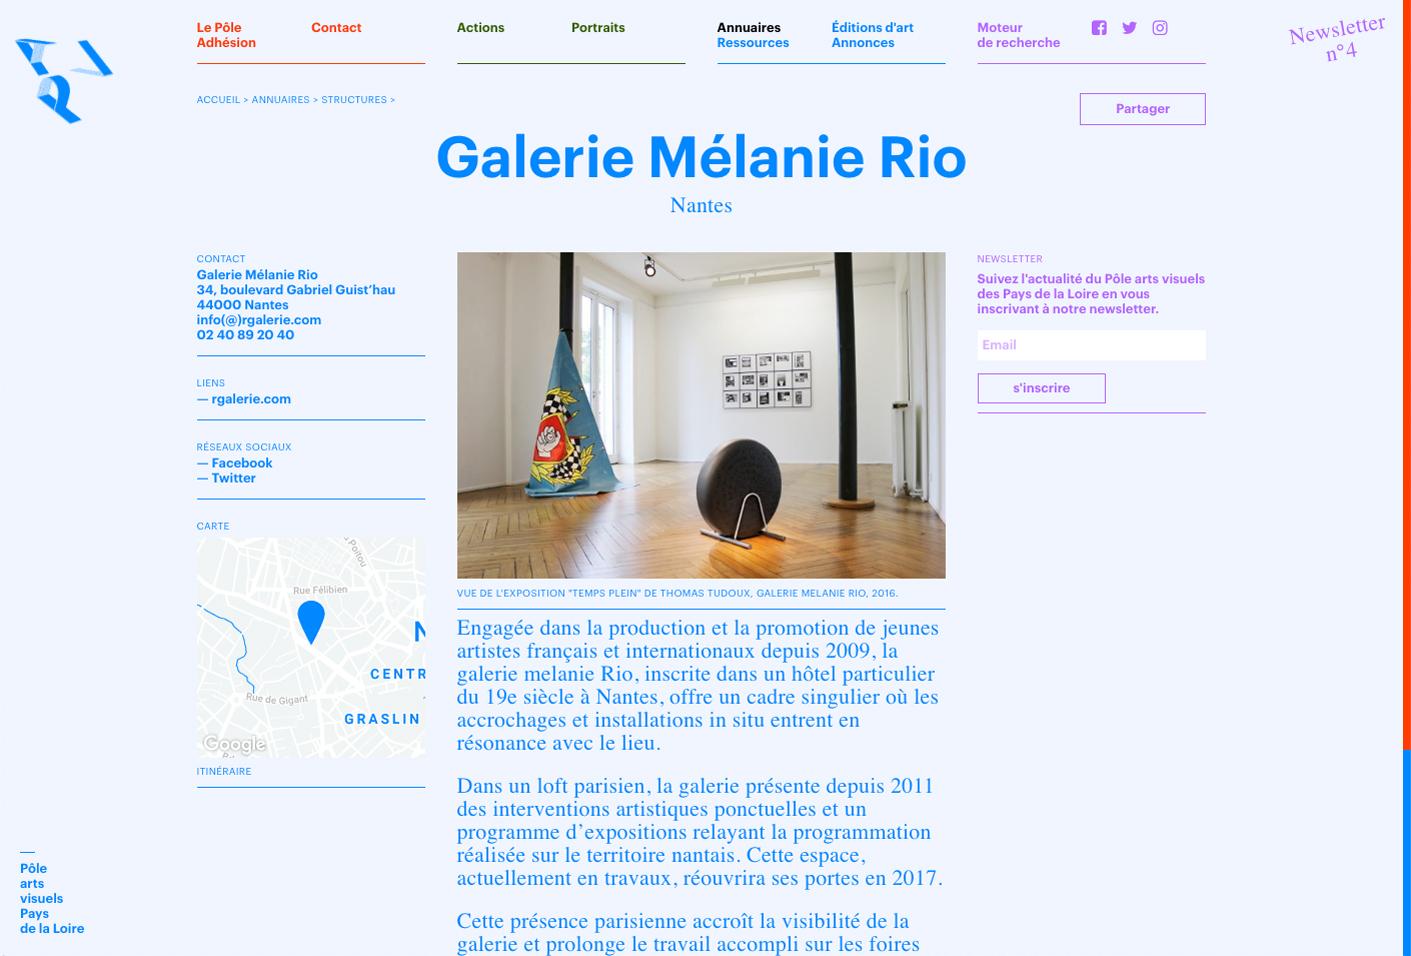 Pôle arts visuels Pays de la Loire — Lisa Sturacci Graphiste